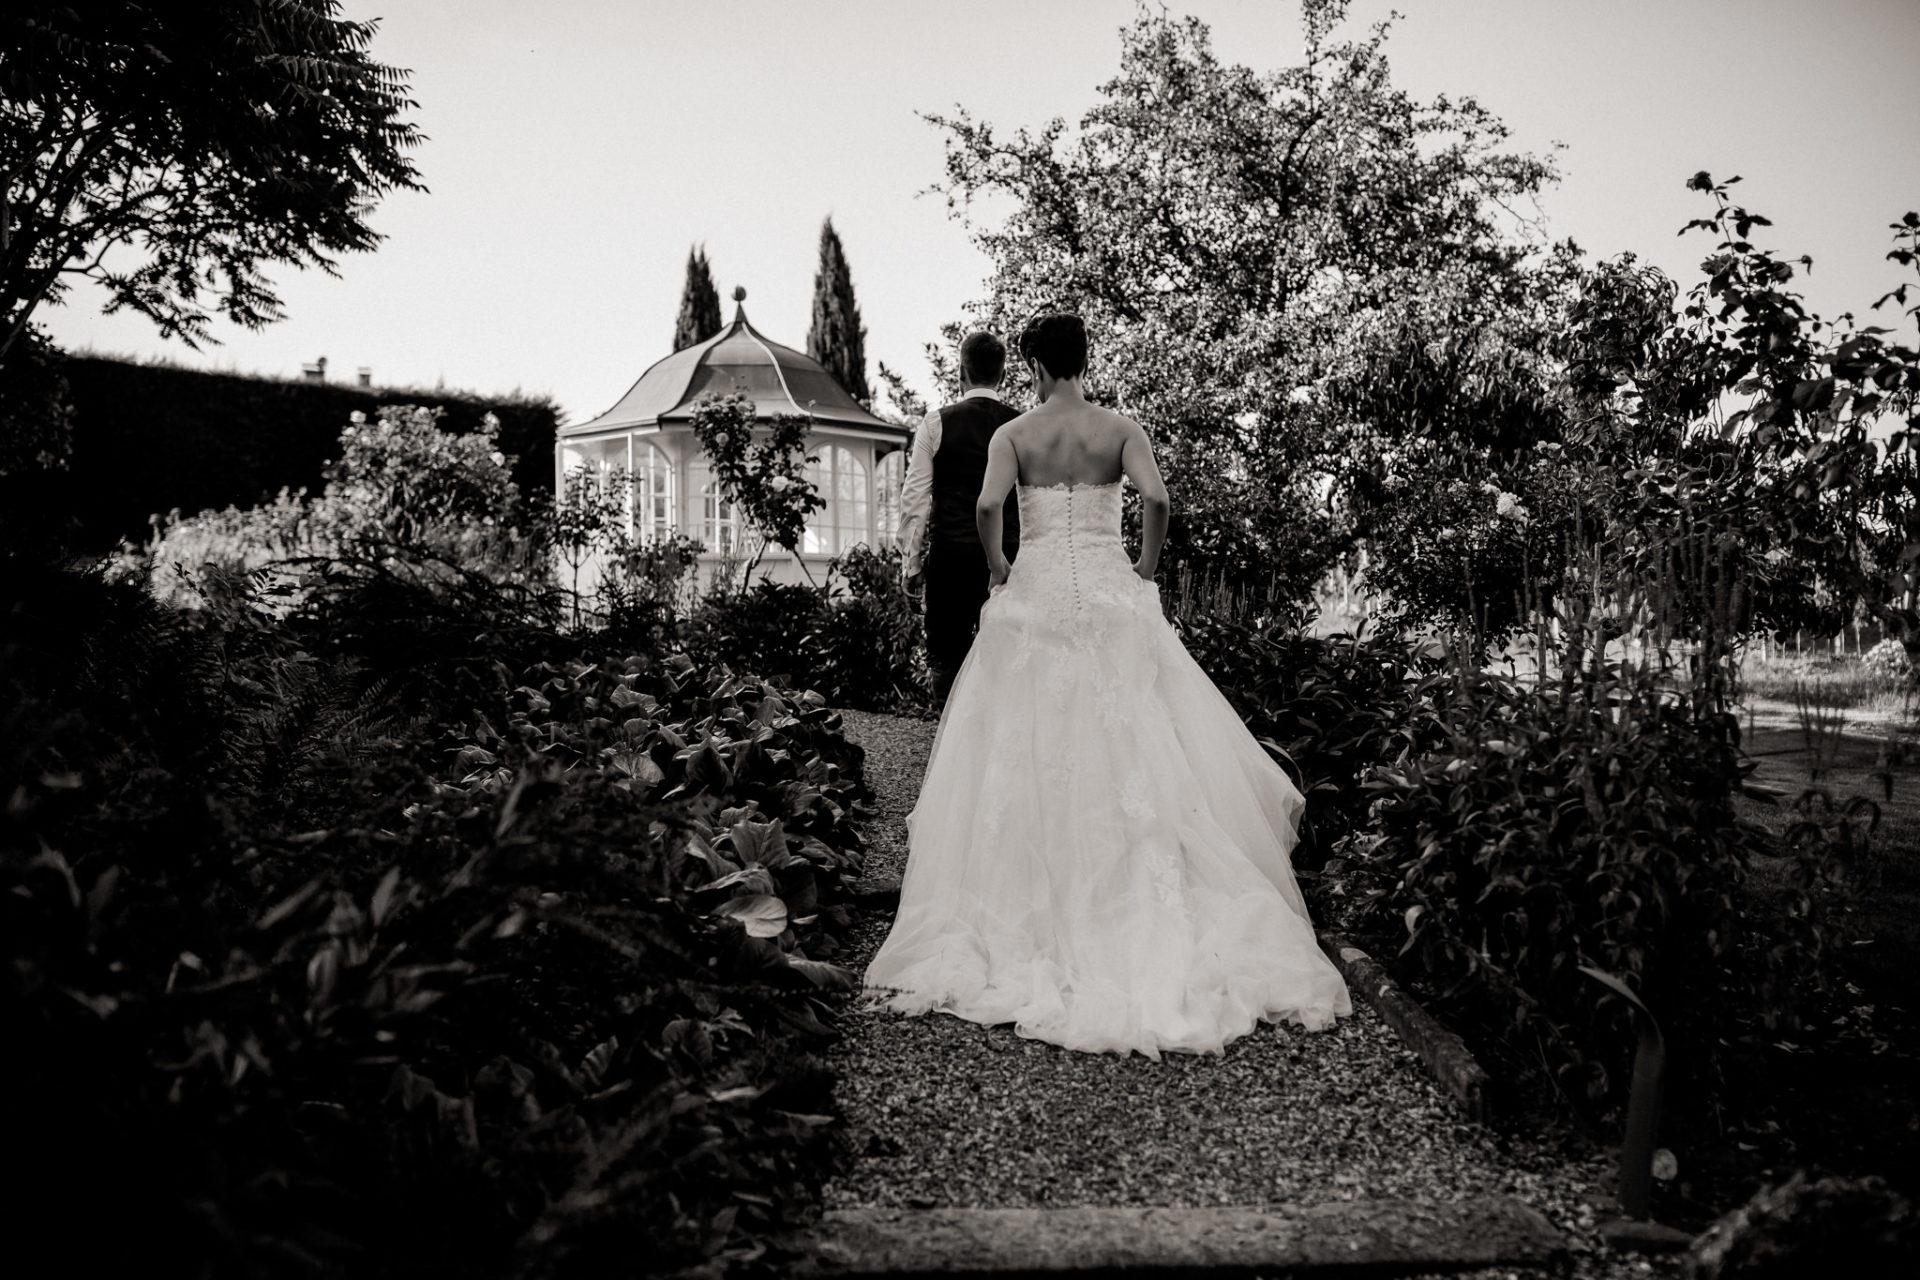 Weingut Fitz Ritter Hochzeitsfotograf-heiraten Pfalz-Sommerhochzeit Braut Kleid Schleppe